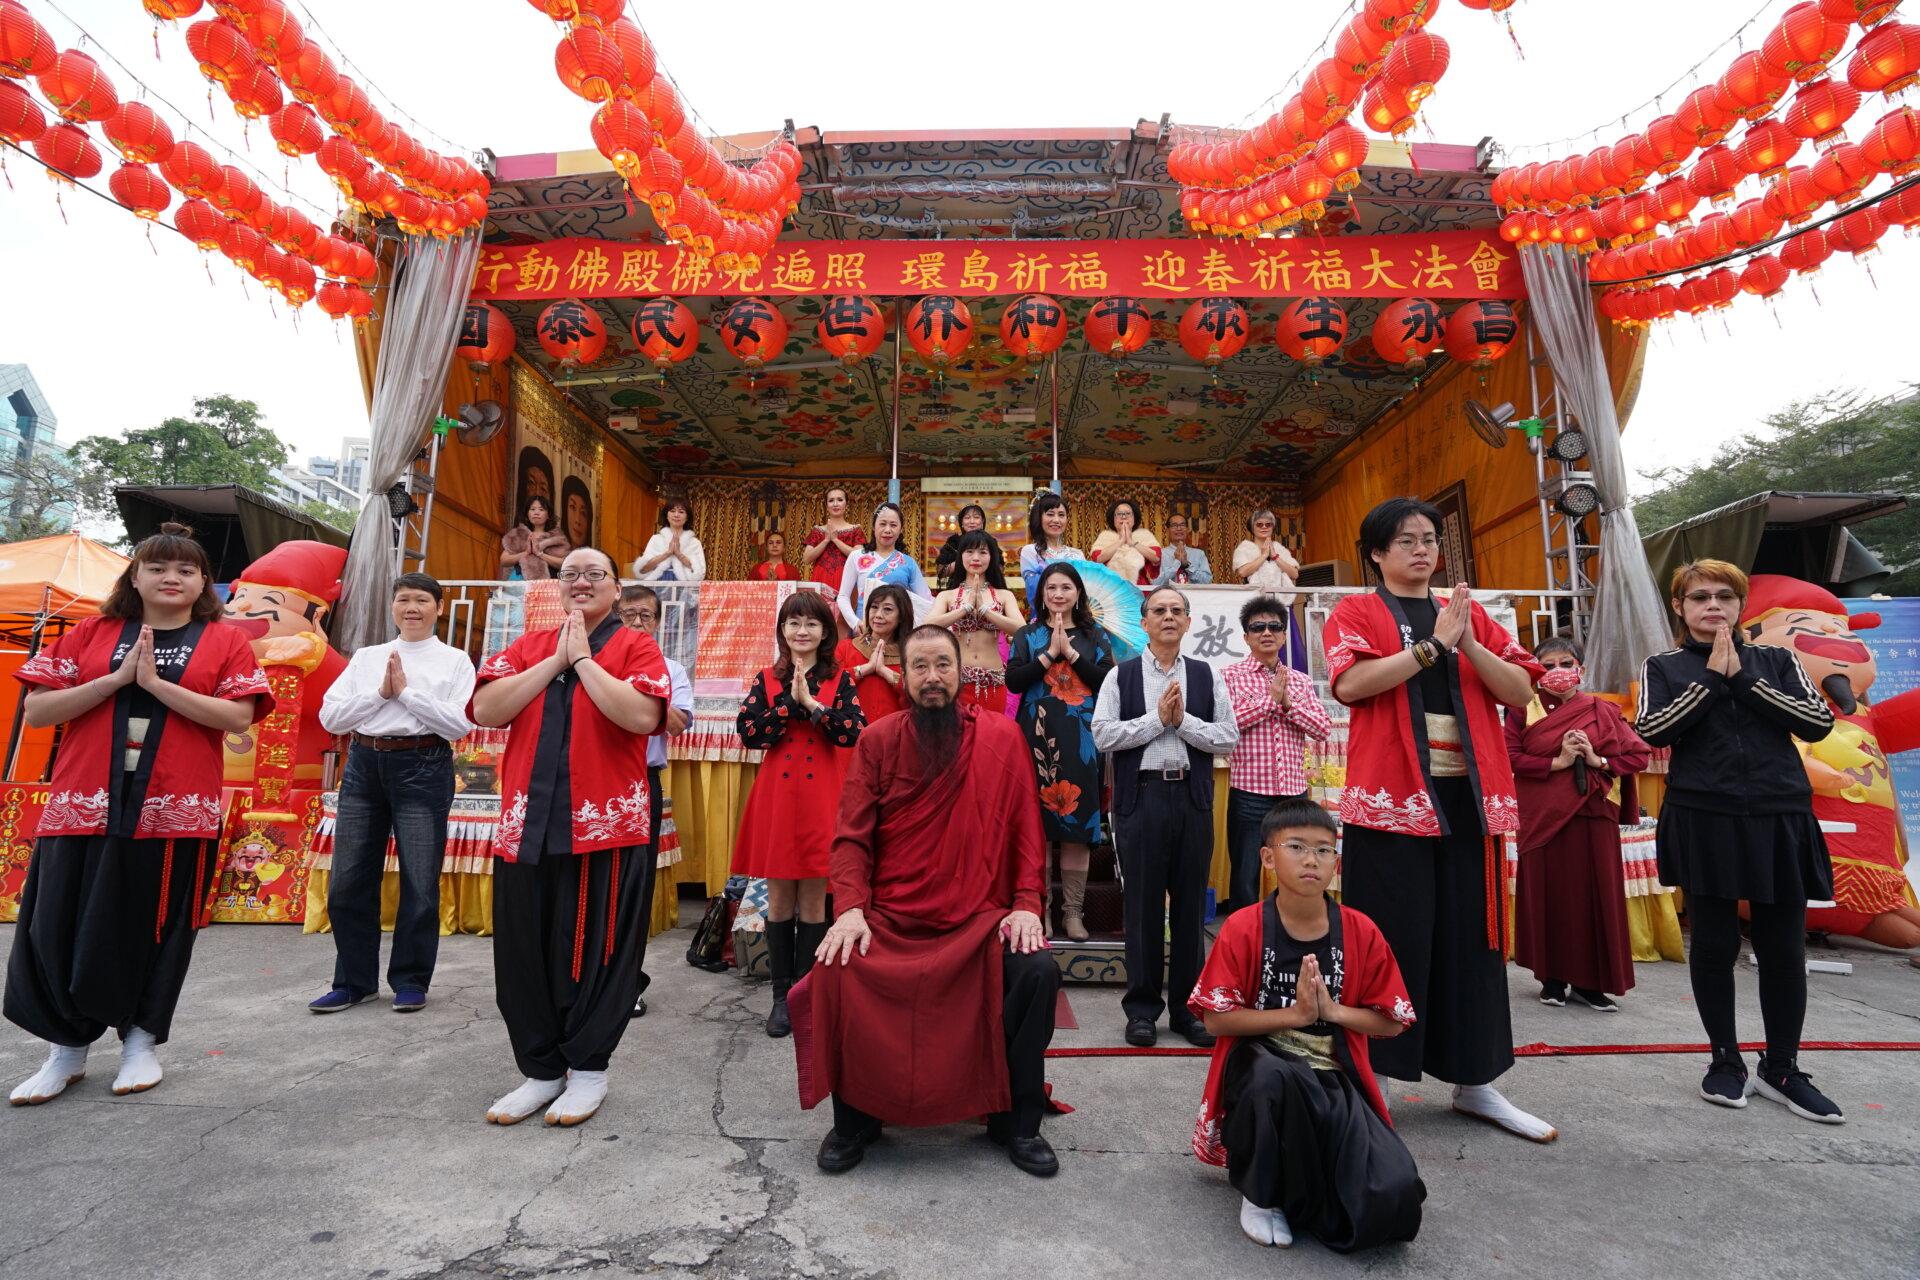 行動佛殿123站高雄前鎮,本會指導上師恆性嘉措仁波且與表演團體合影